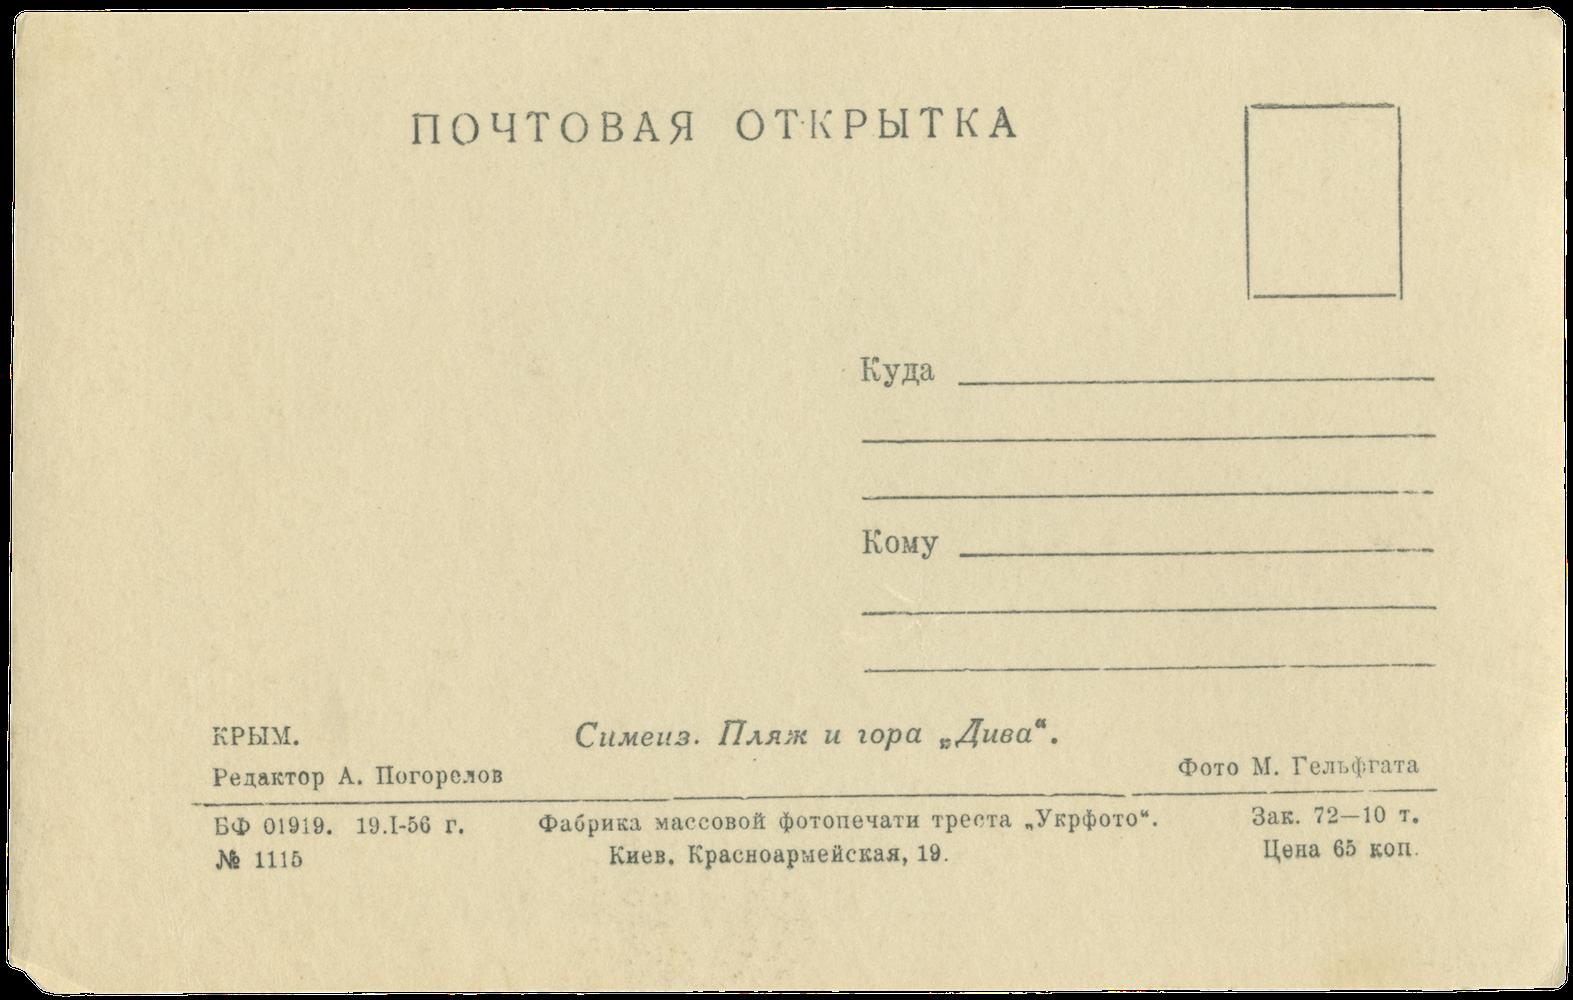 Почтовая открытка адрес